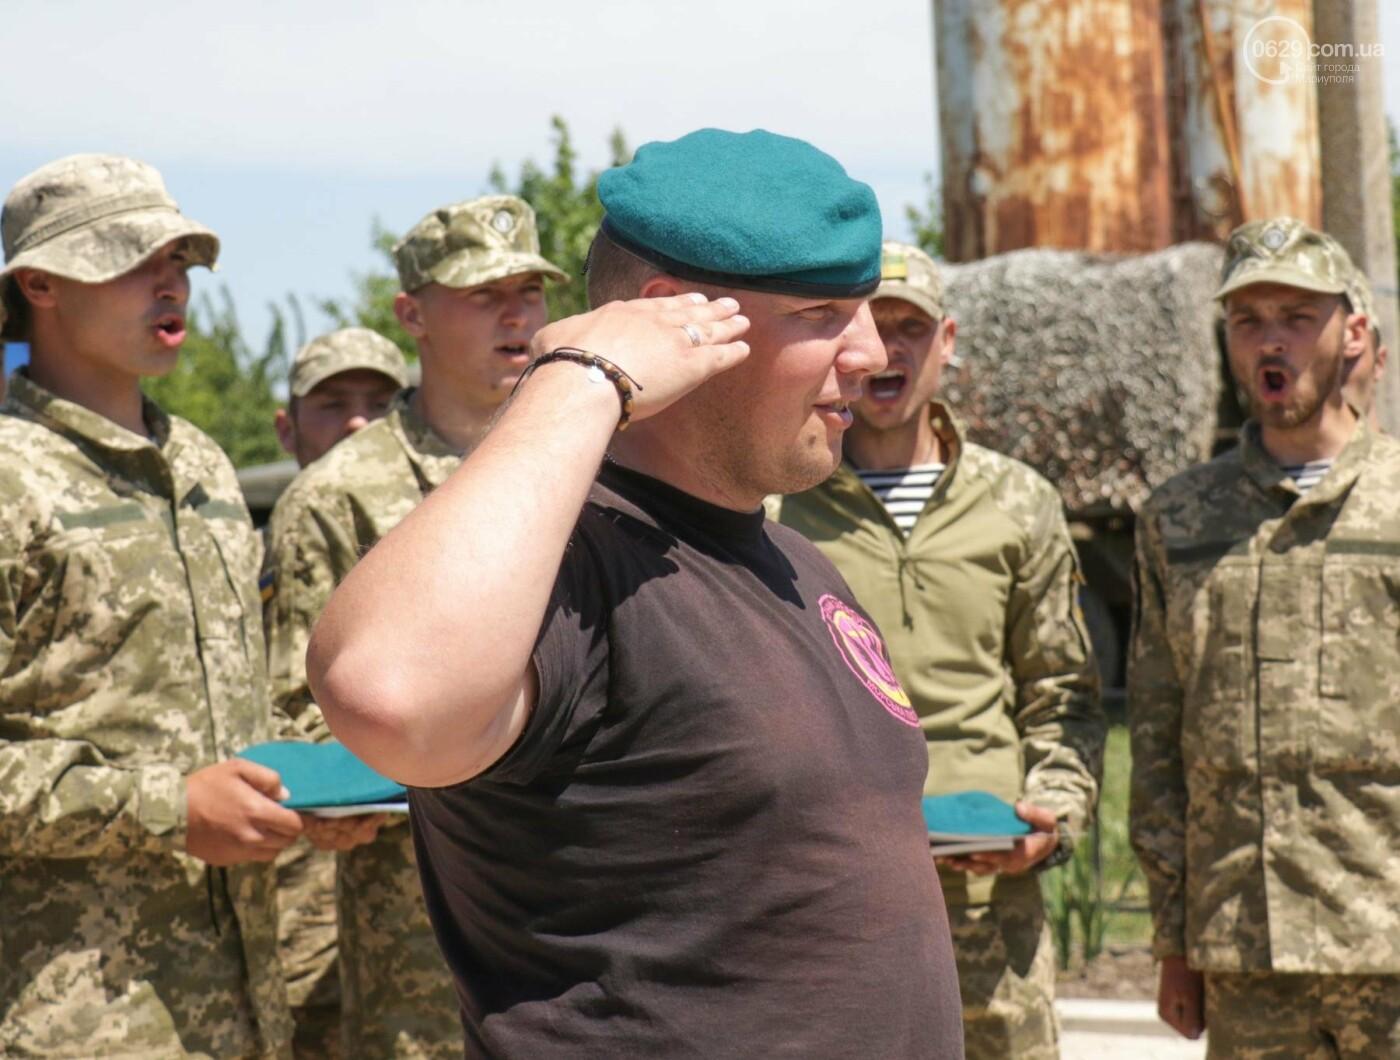 Под Мариуполем морпехи  приняли присягу и получили почетный знак от волонтеров, - ФОТО, ВИДЕО, фото-2